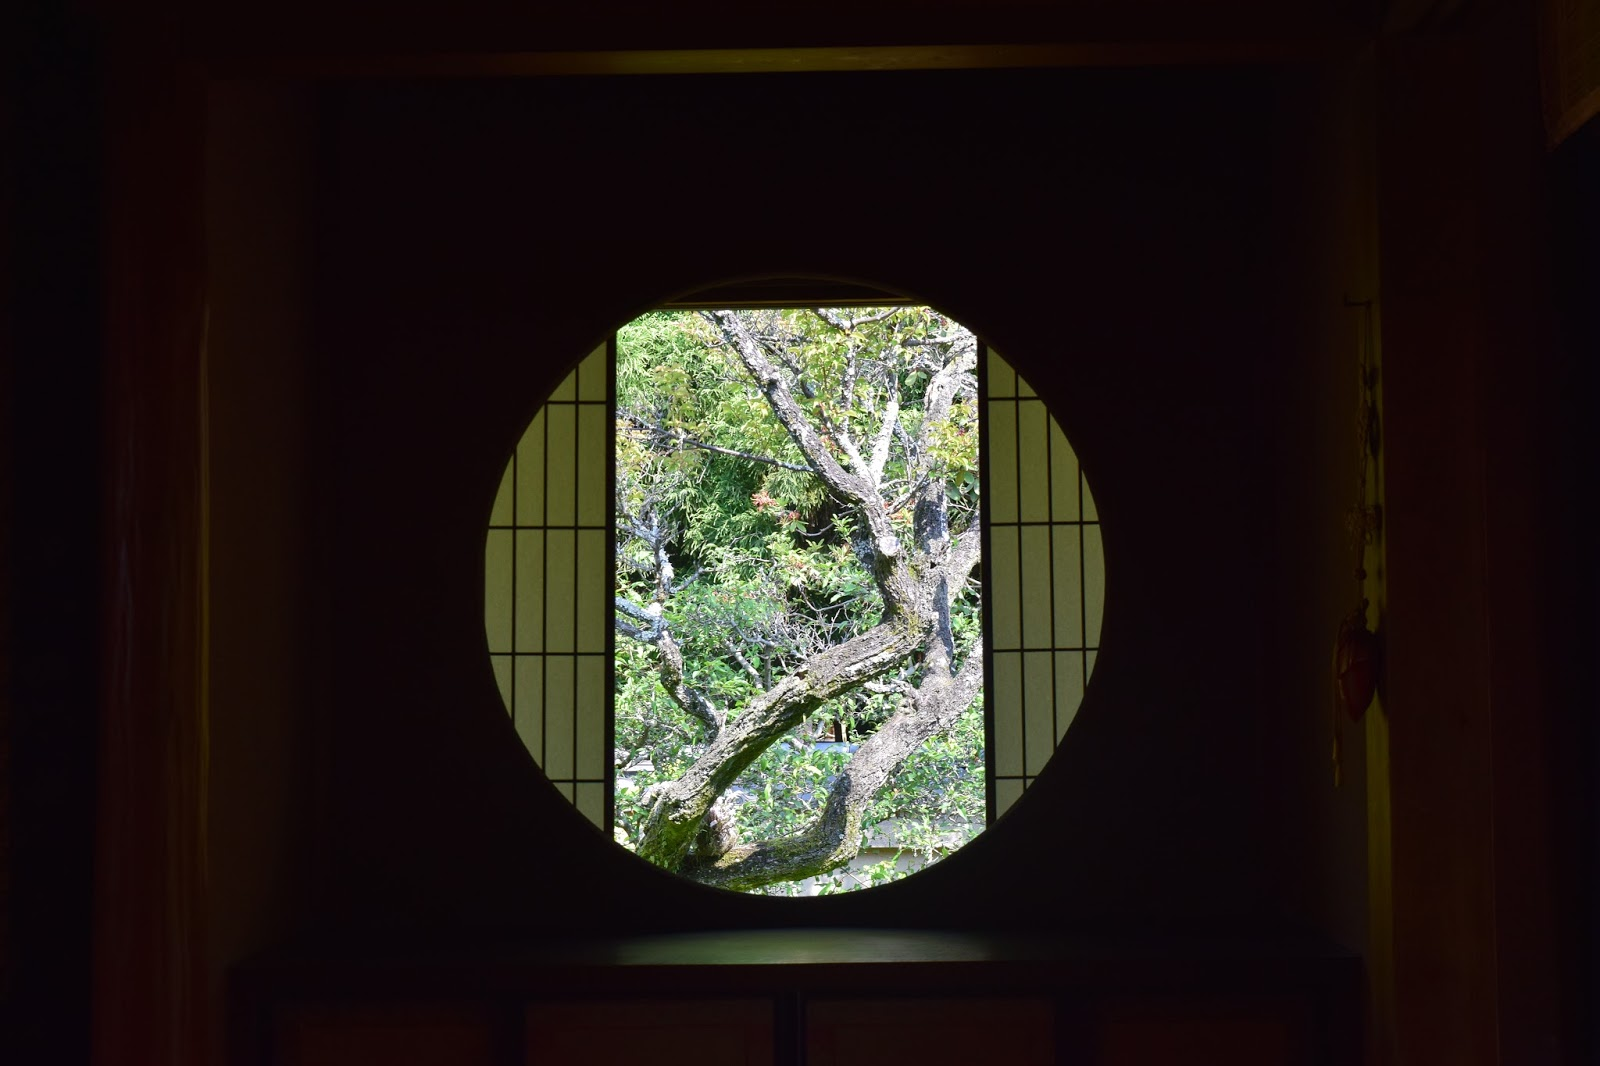 Unryuuin Window of enlightenment